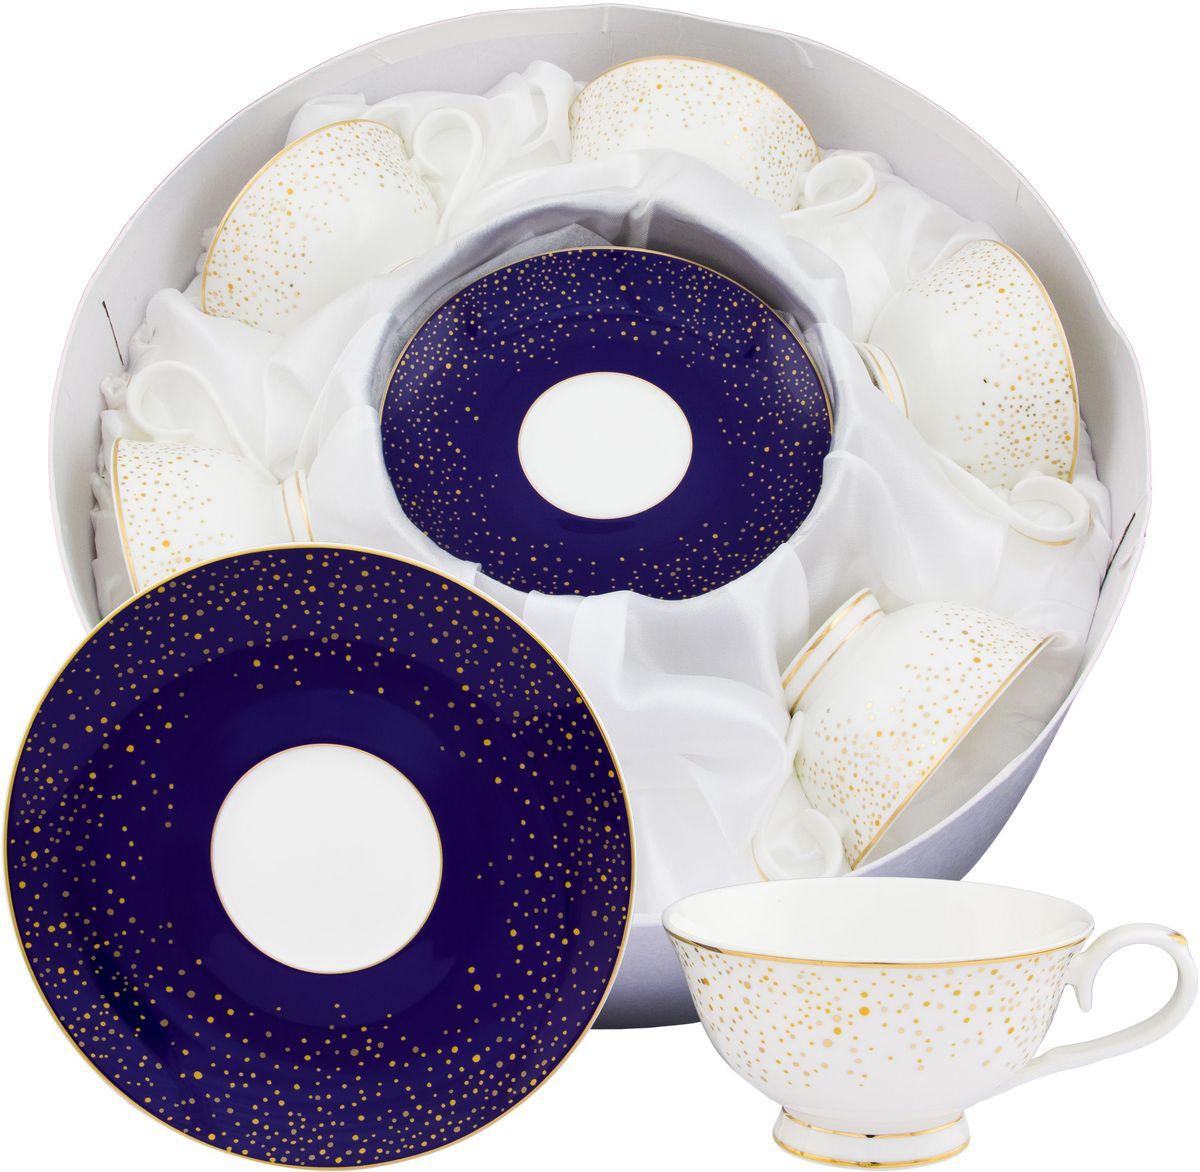 Чайный набор Elan Gallery День и ночь, 220 мл, 12 предметов115610Чайный набор нежных тонах на 6 персон украсит Ваше чаепитие. В комплекте 6 чашек на ножке объемом 220 мл, 6 блюдец. Изделие имеет подарочную упаковку, поэтому станет желанным подарком для Ваших близких! Не рекомендуется применять абразивные моющие средства. Не использовать в микроволновой печи.